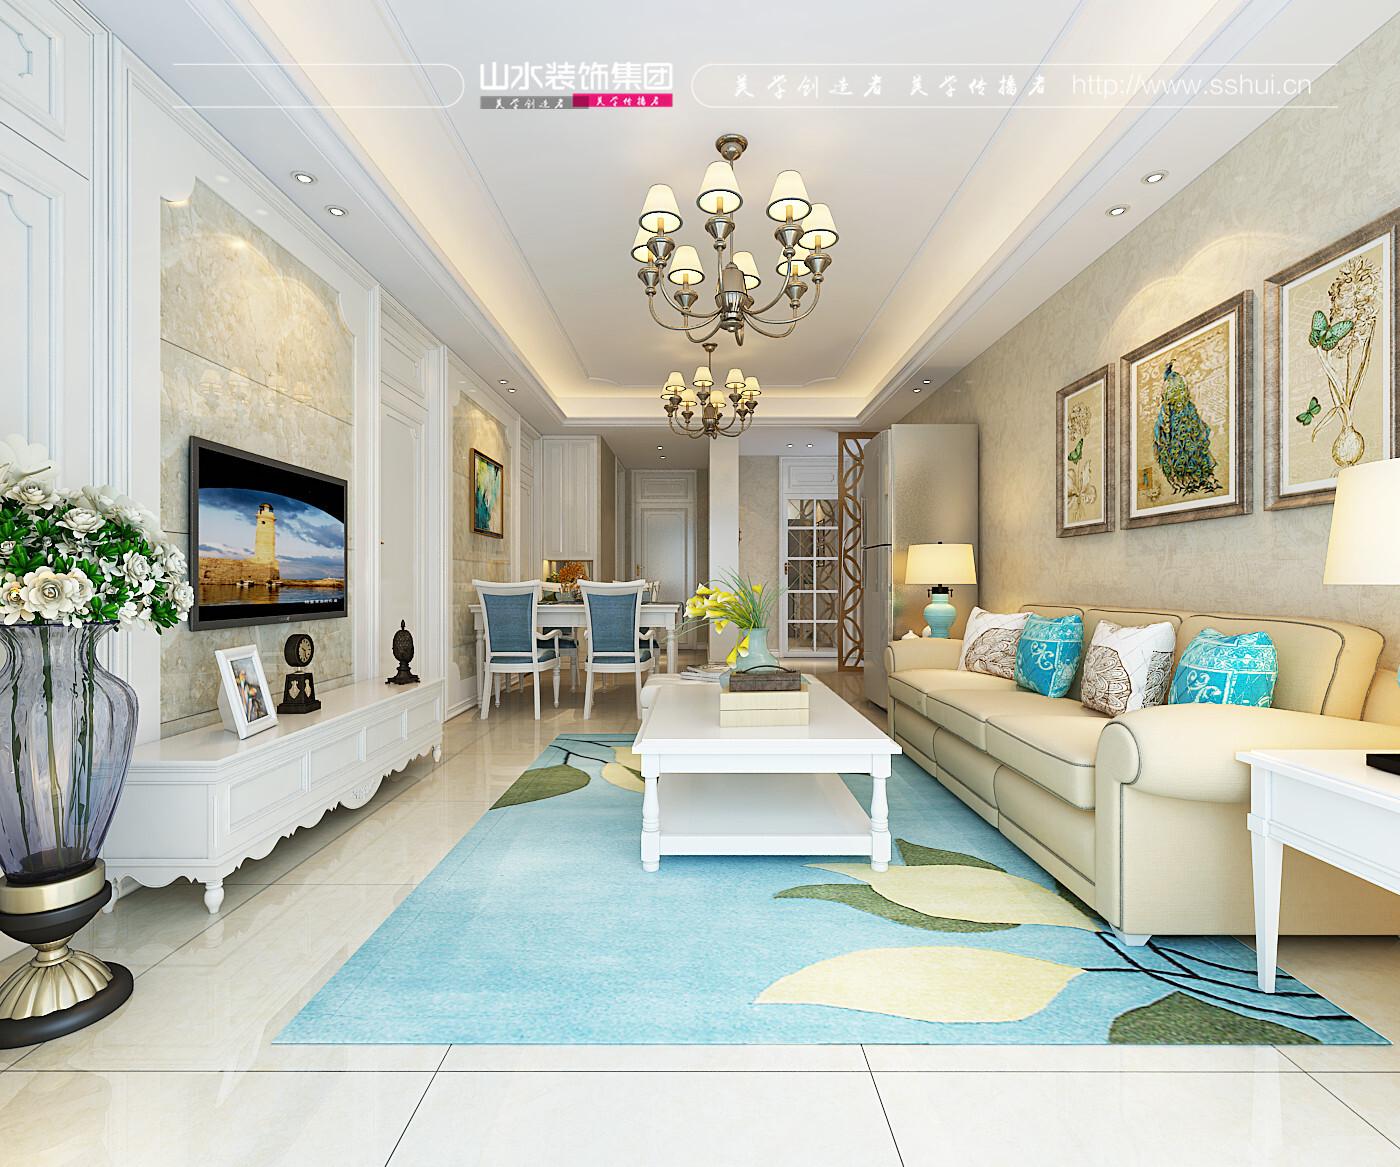 琥珀五環城98平三室兩廳一衛歐式風格裝修效果圖